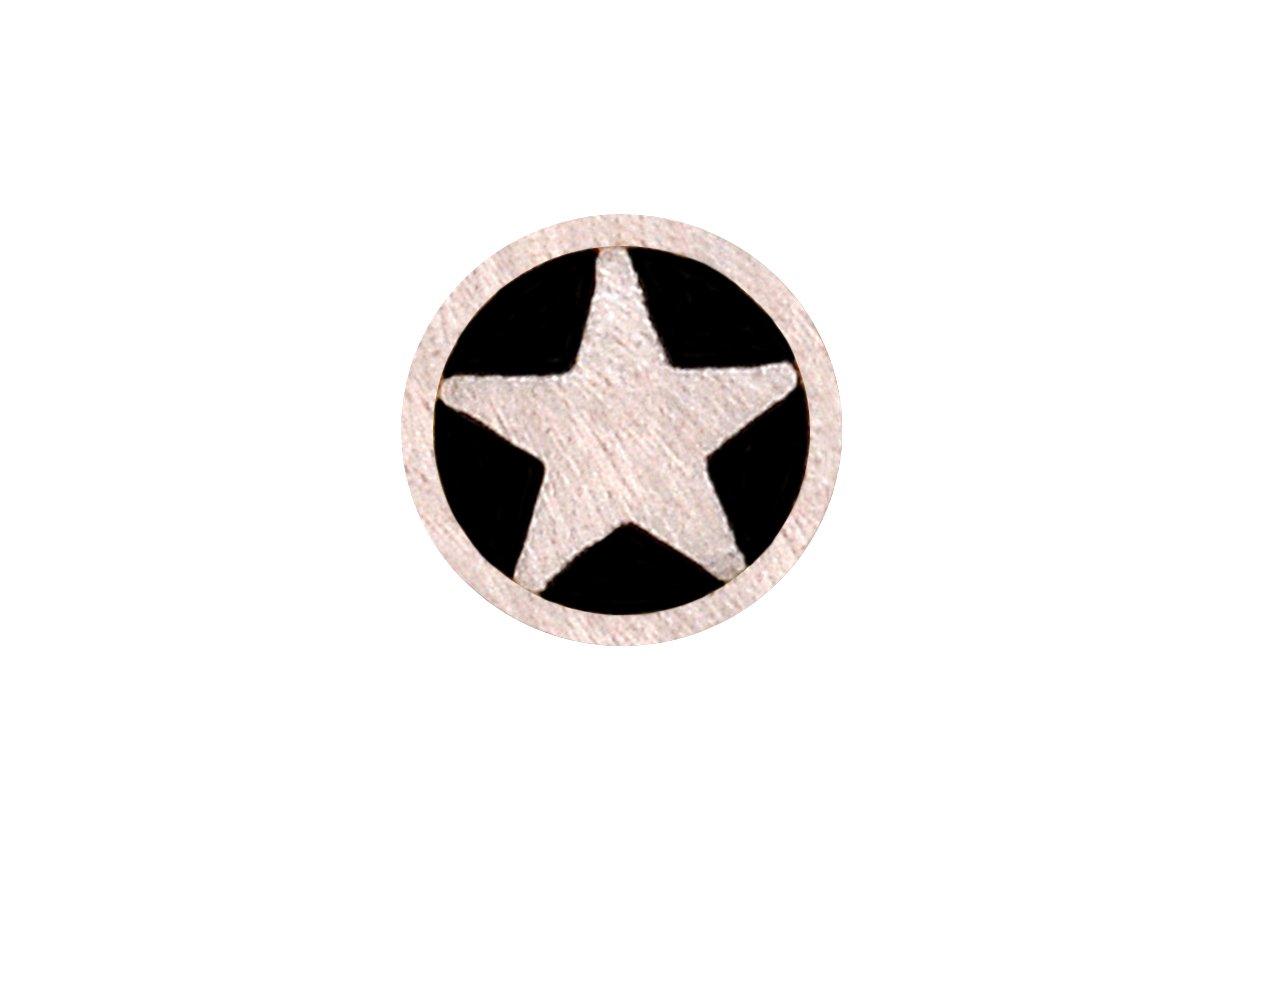 3/16'' Diameter Aluminum Star Mosaic Pin (11-3/4'' Long)